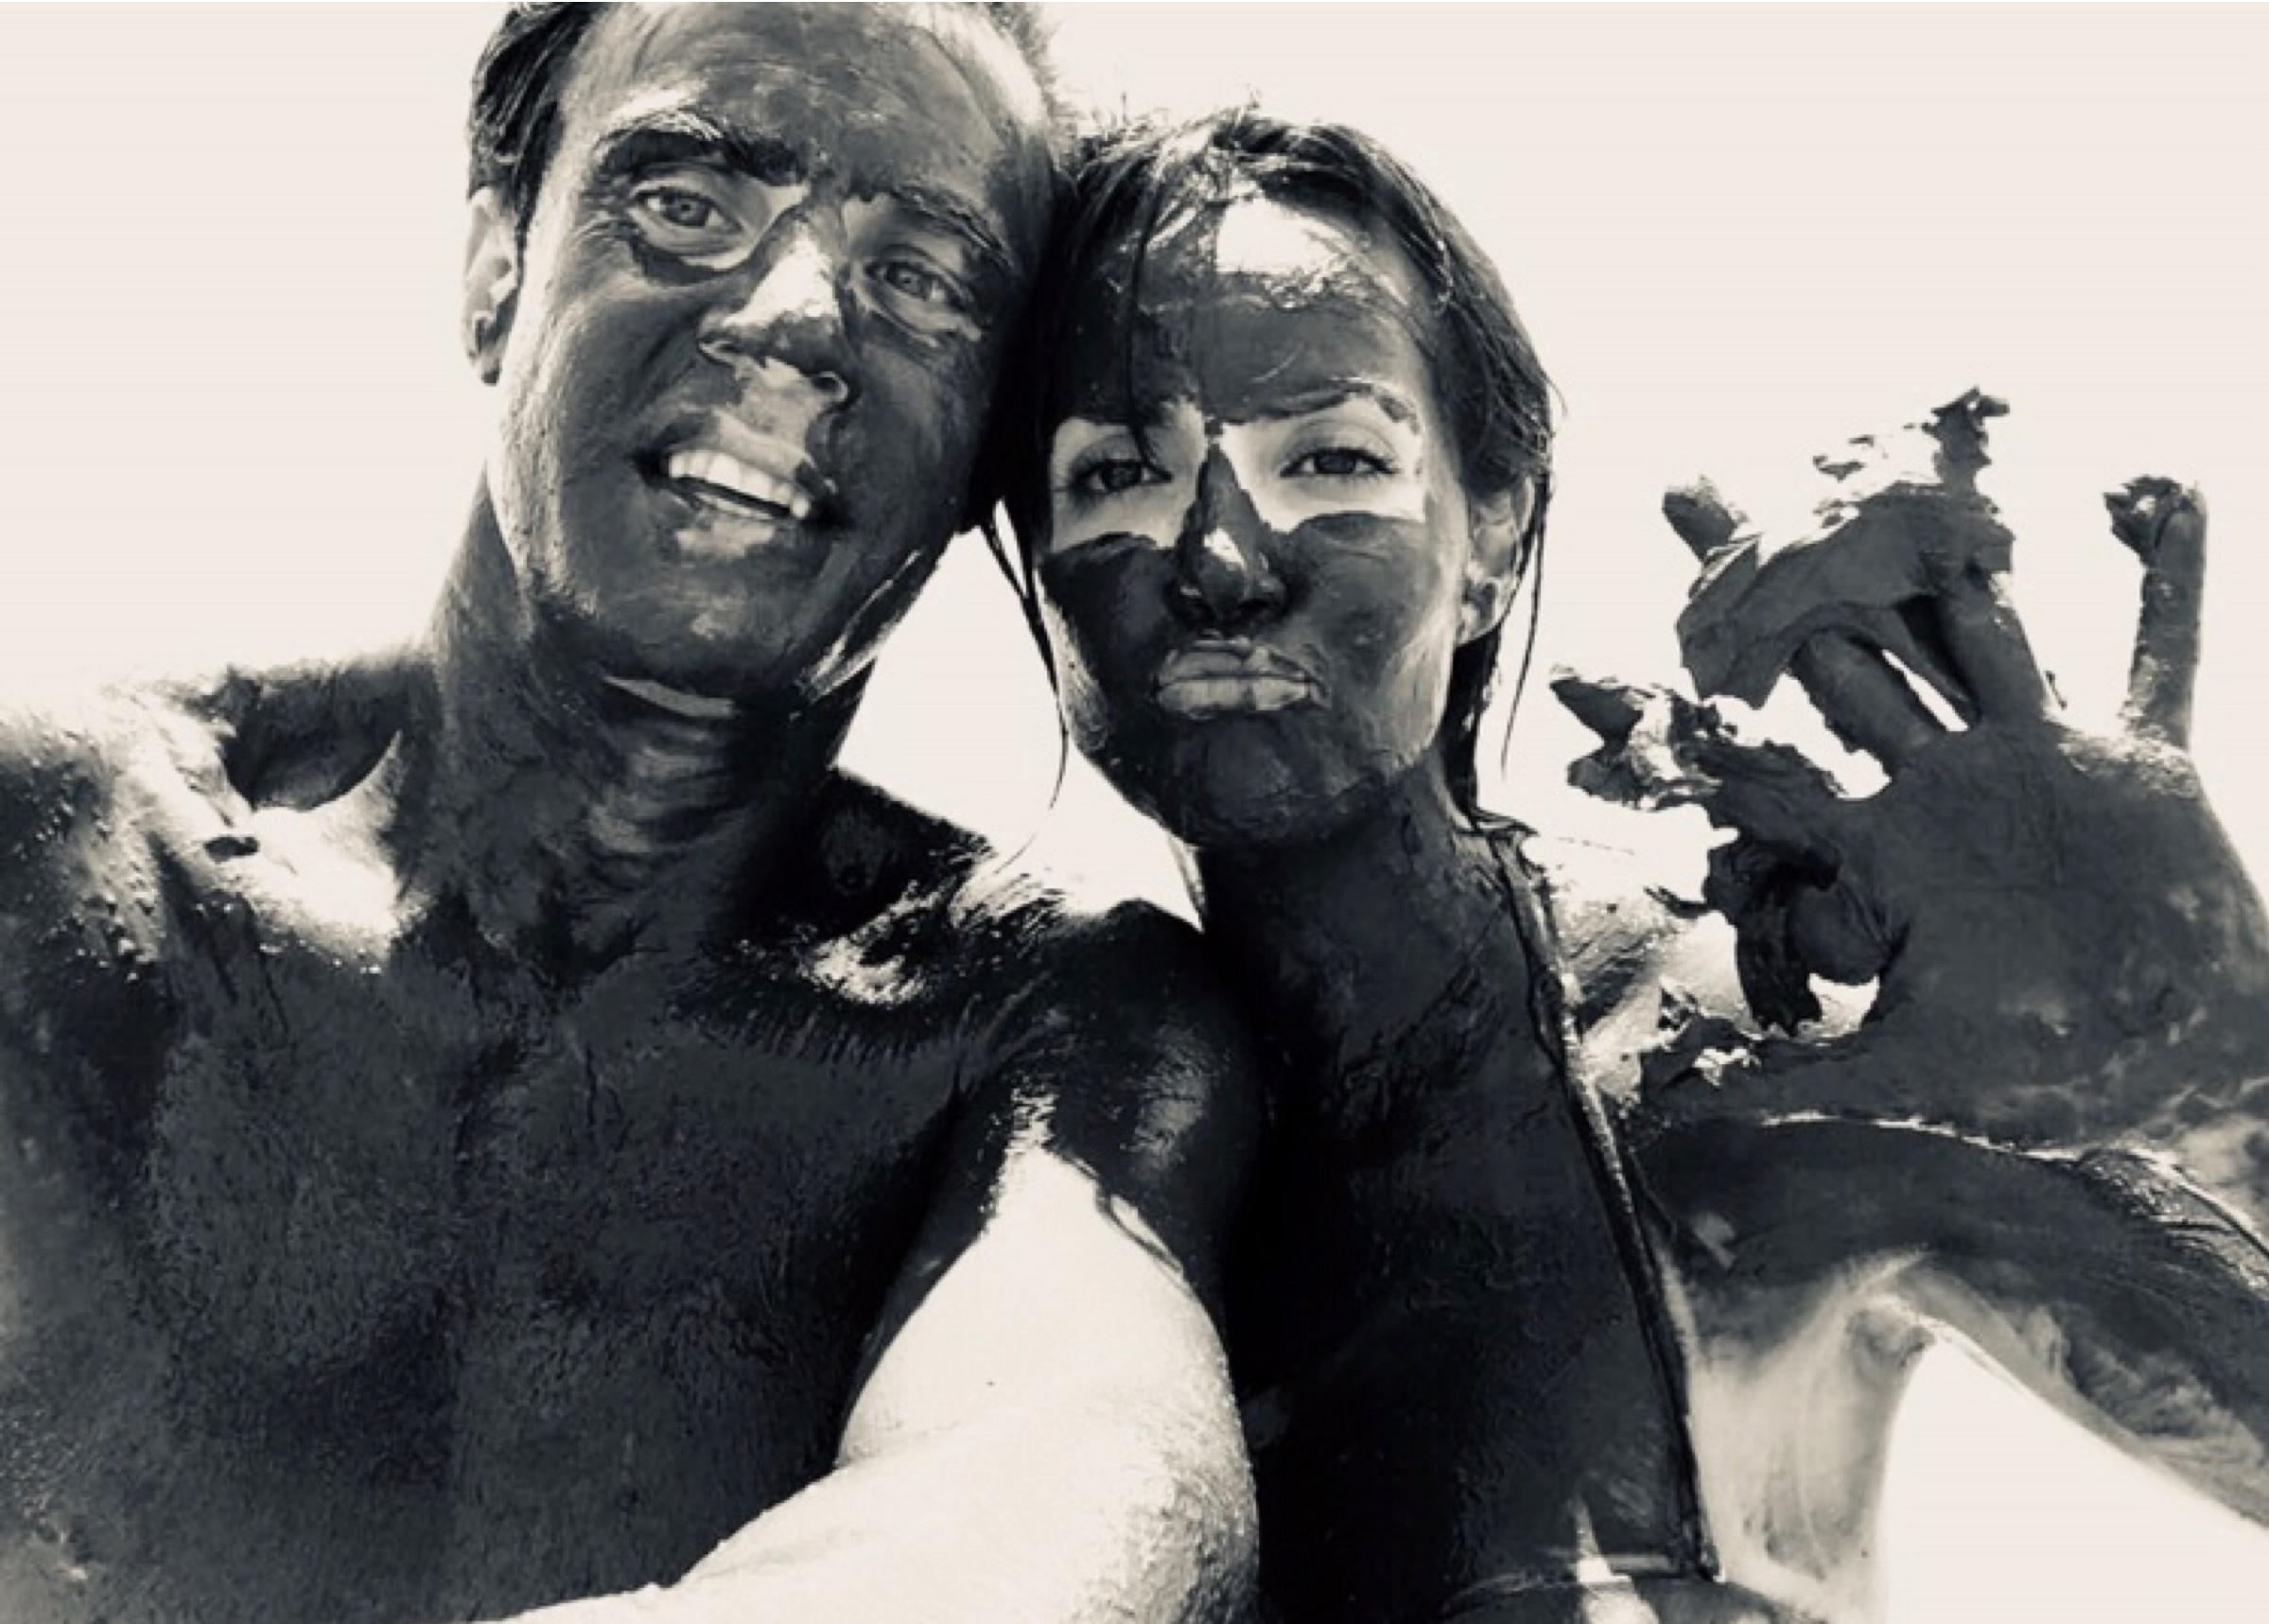 Bañarse en el punto más bajo de la tierra - Envolturas de barro negro y la sensación única en el mundo de flotar en el agua te esperan en el Mar Muerto